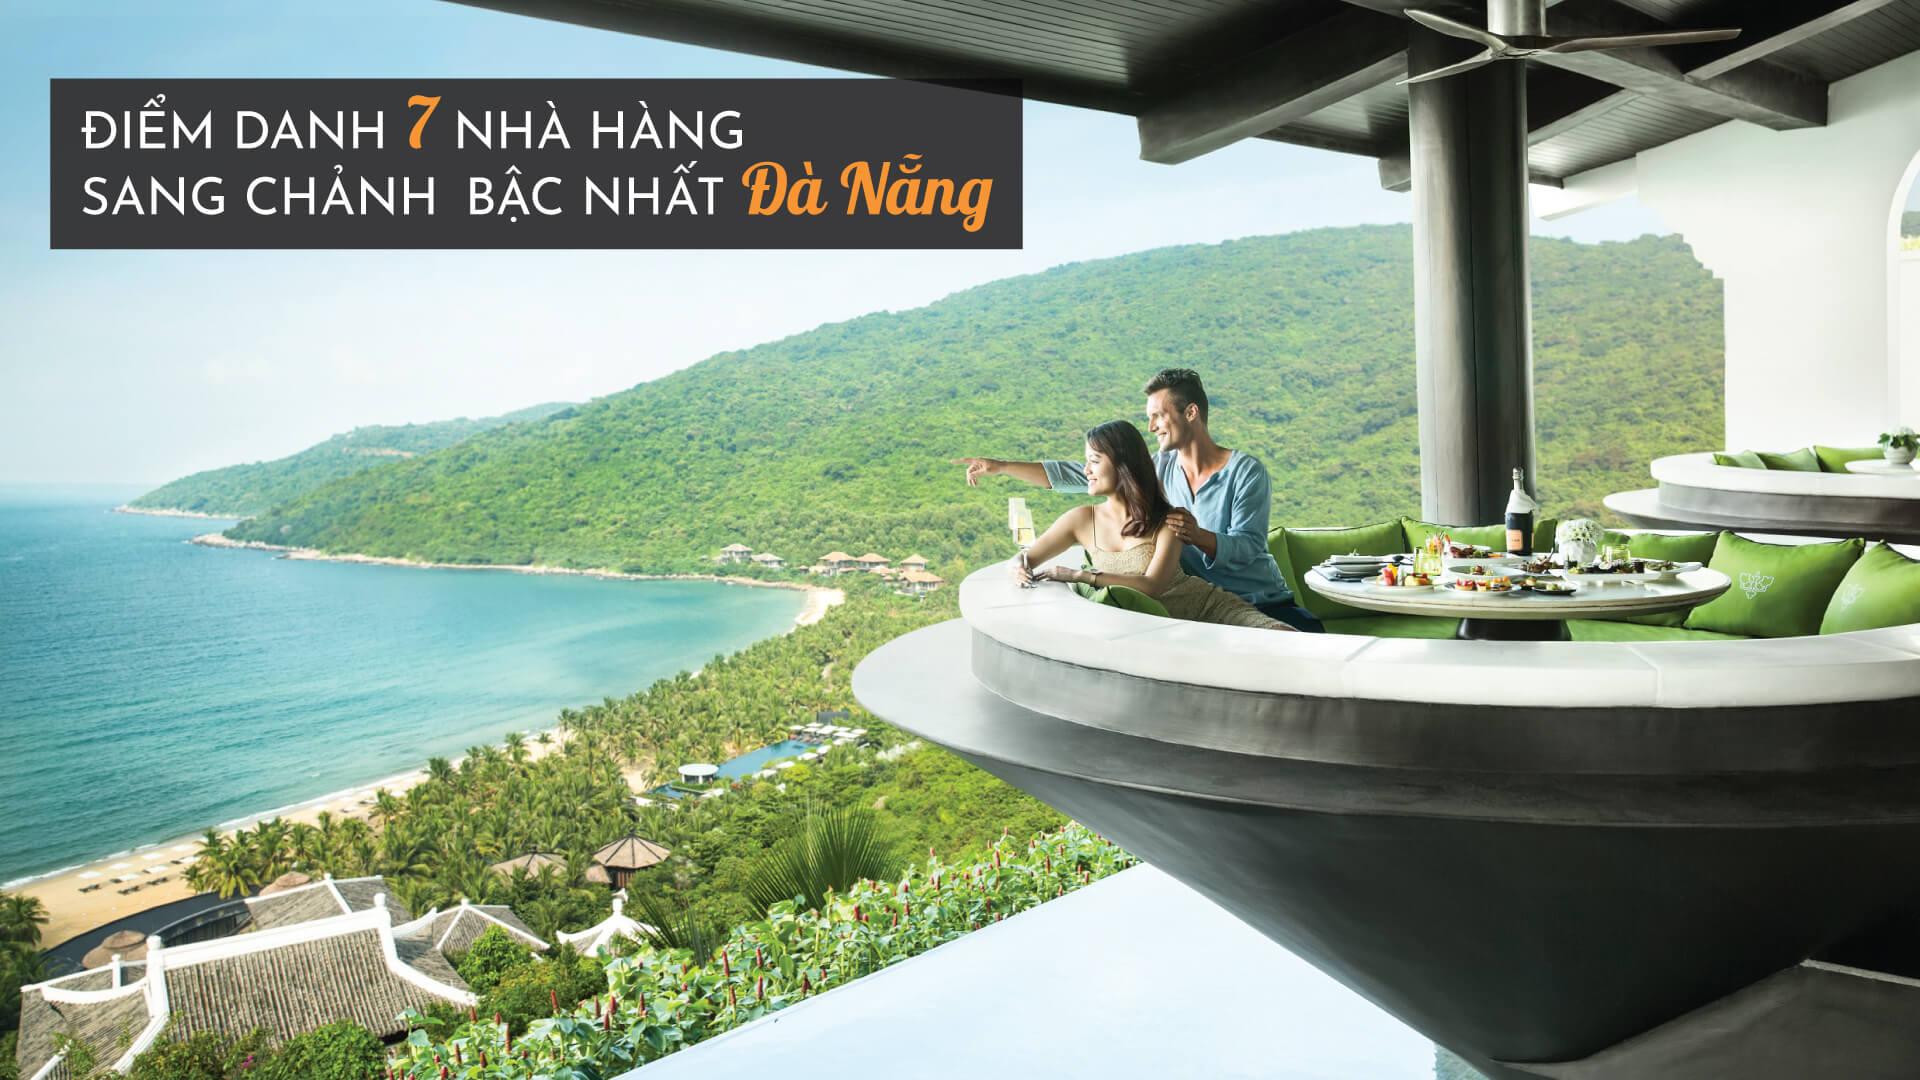 Điểm danh 7 nhà hàng sang chảnh bậc nhất Đà Nẵng